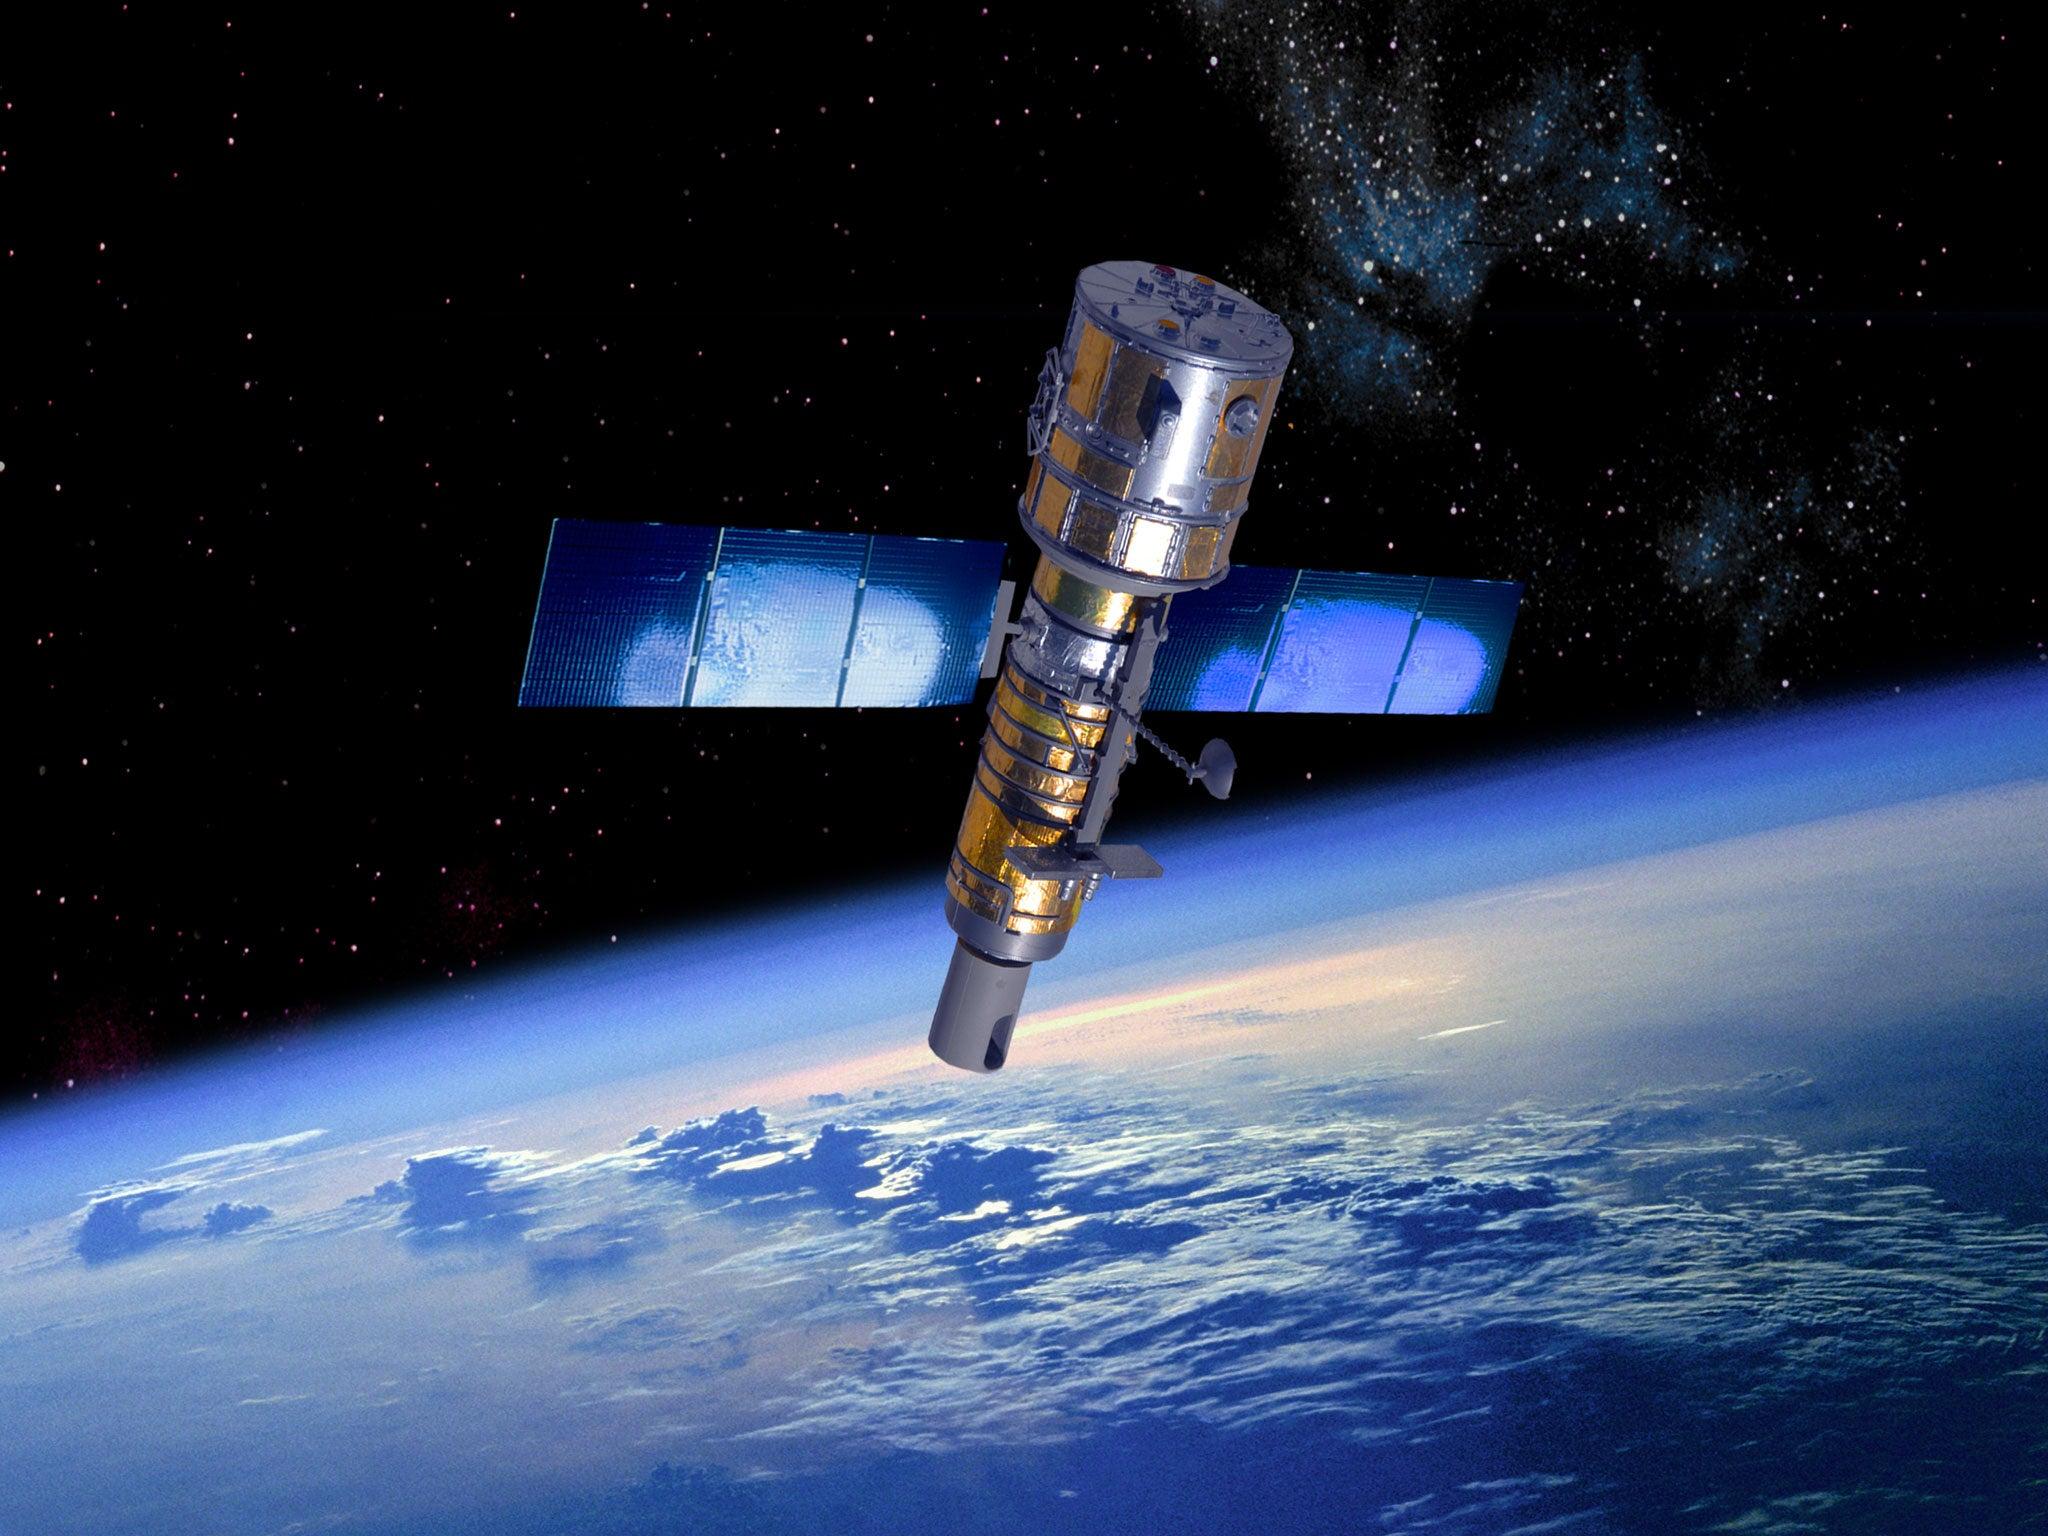 Soyuz Spacecraft Backbone of Russian Space Program